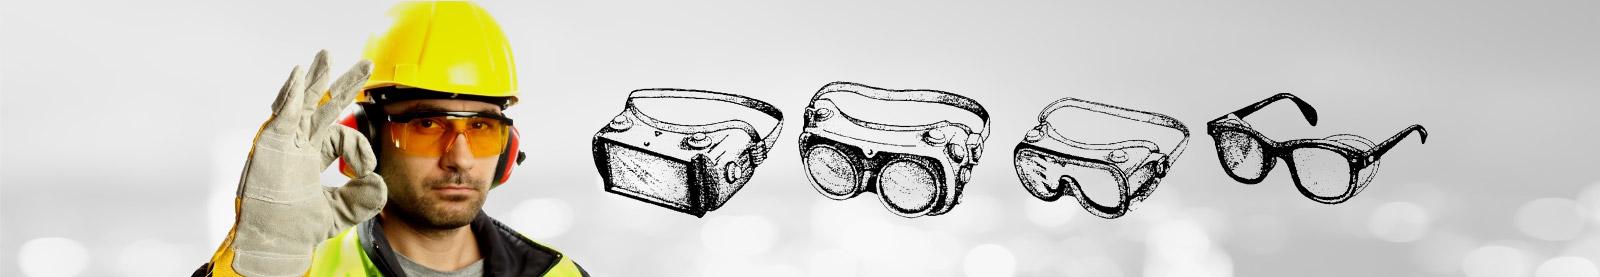 عینک ایمنی عینک آزمایشگاهی عینک ضد خش عینک ضد ضربه عینک ایمنی ضد بخار